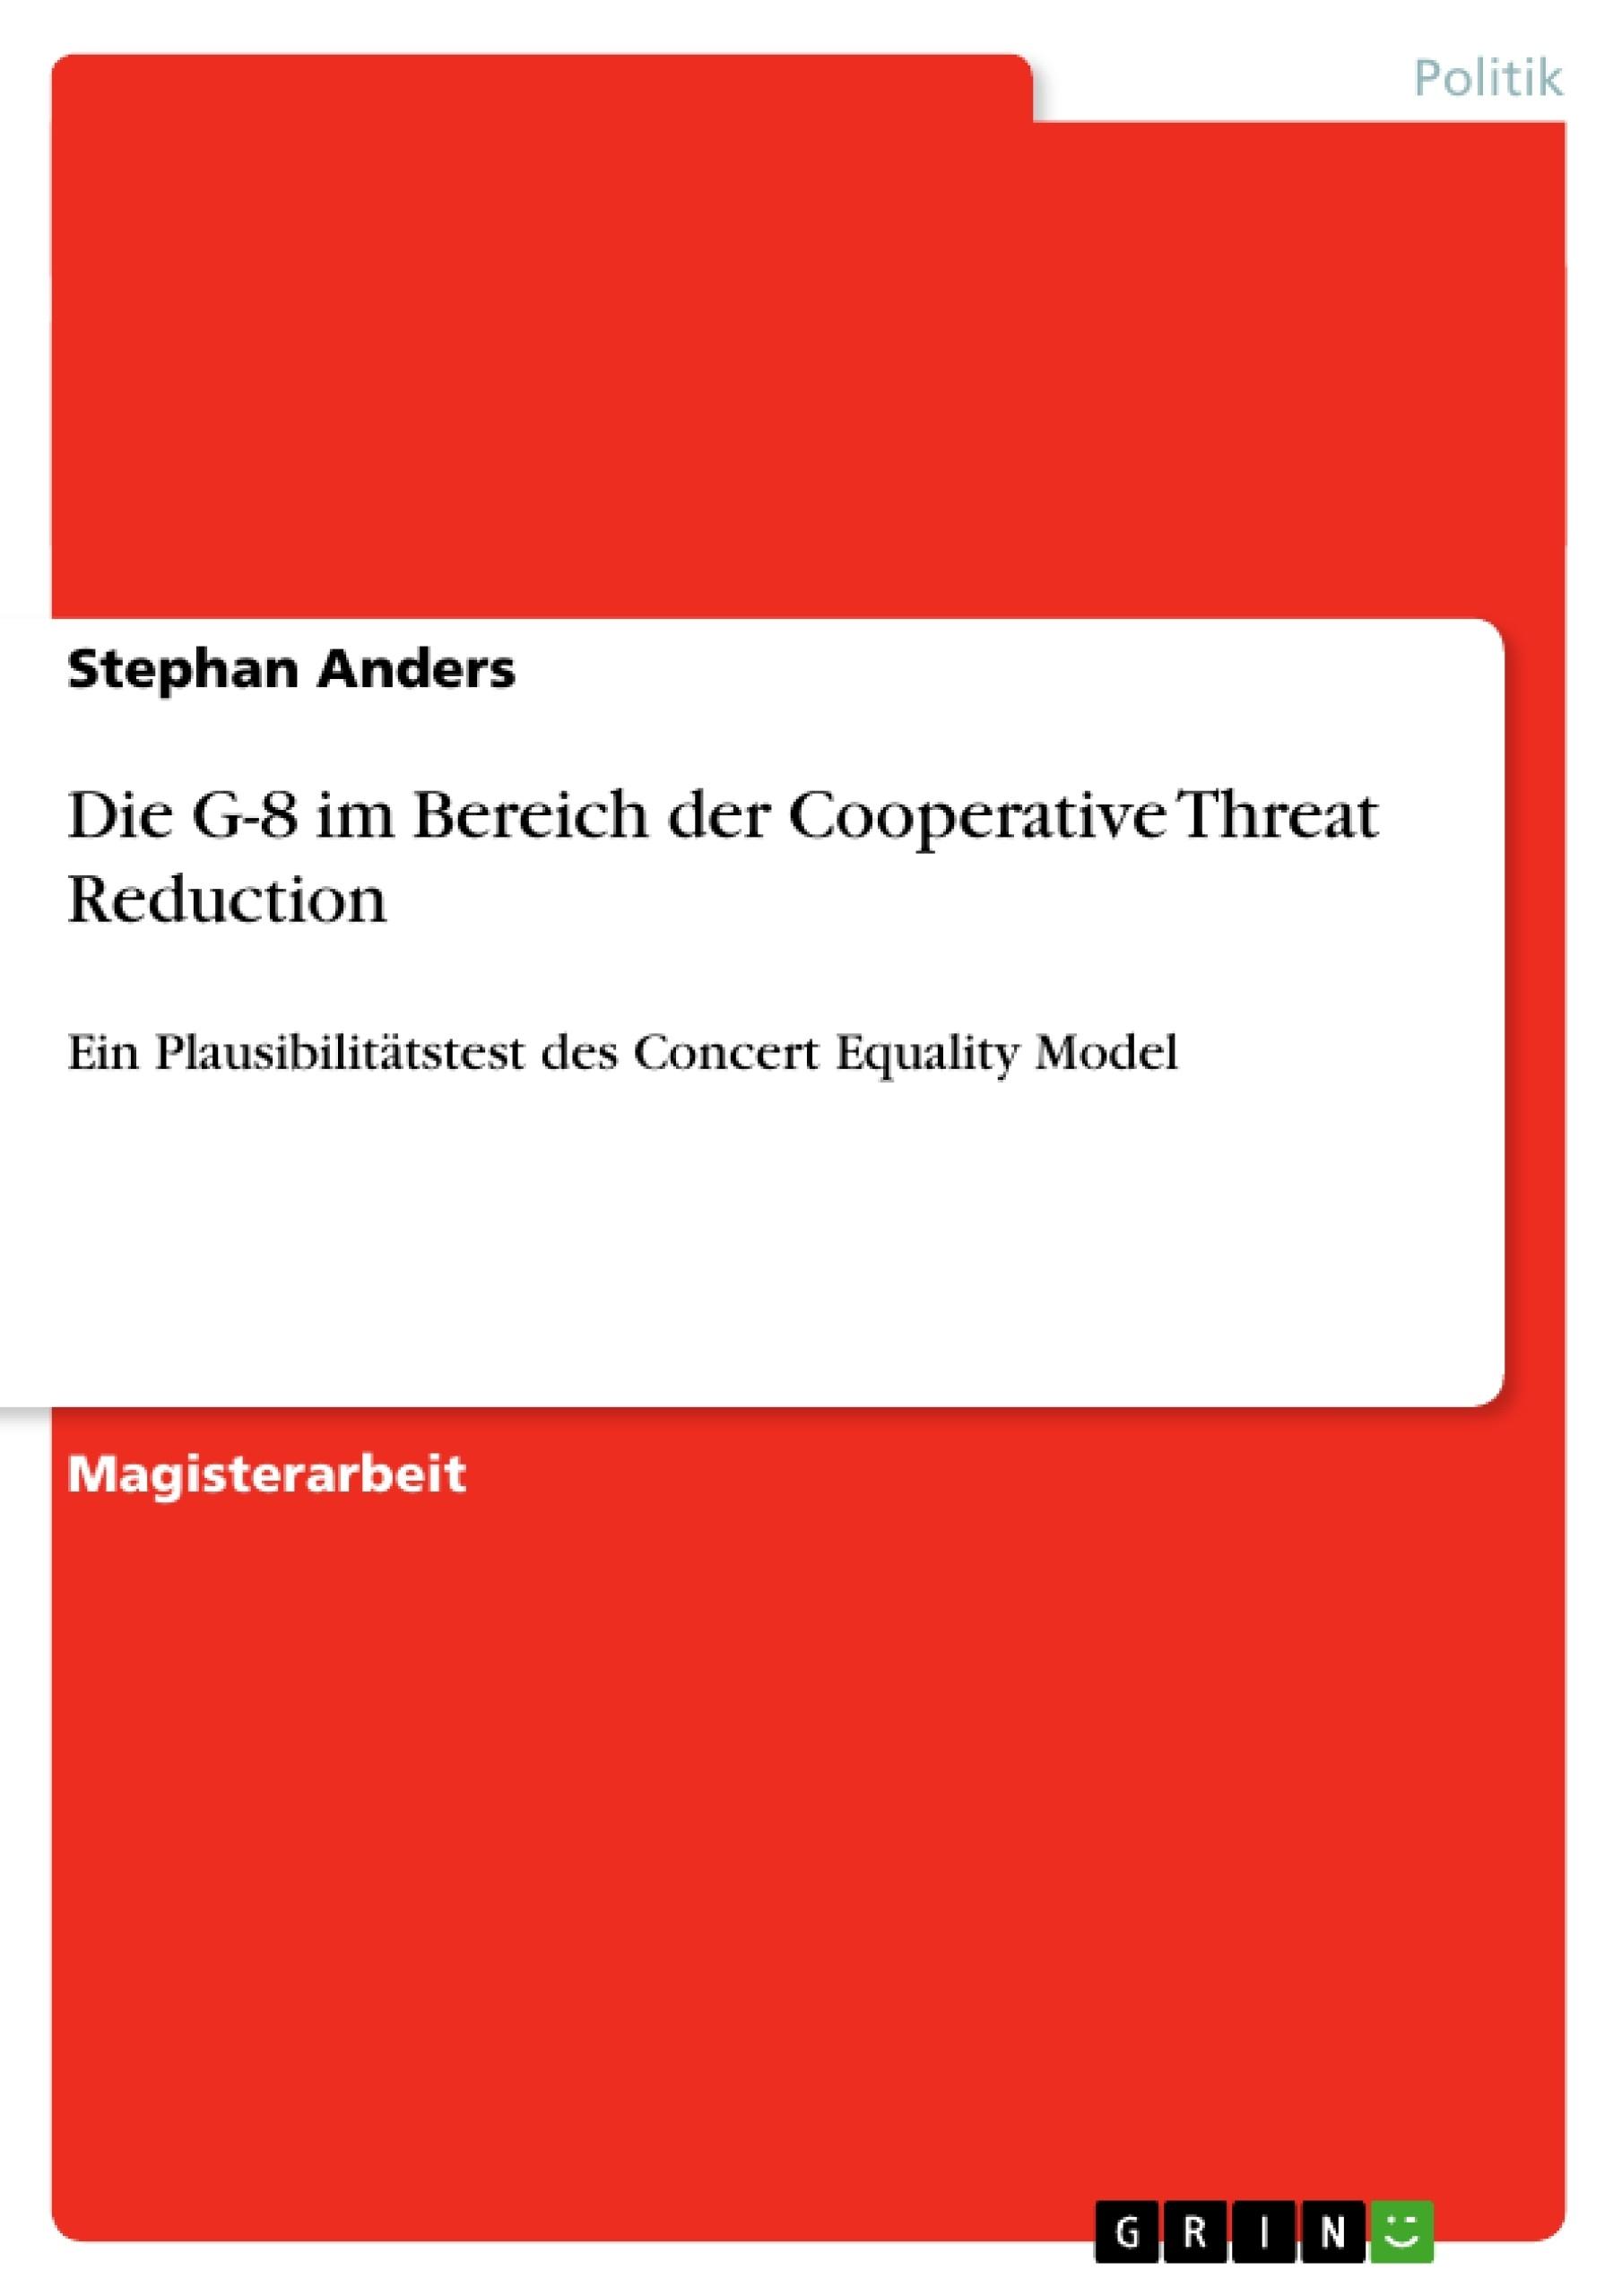 Titel: Die G-8 im Bereich der Cooperative Threat Reduction